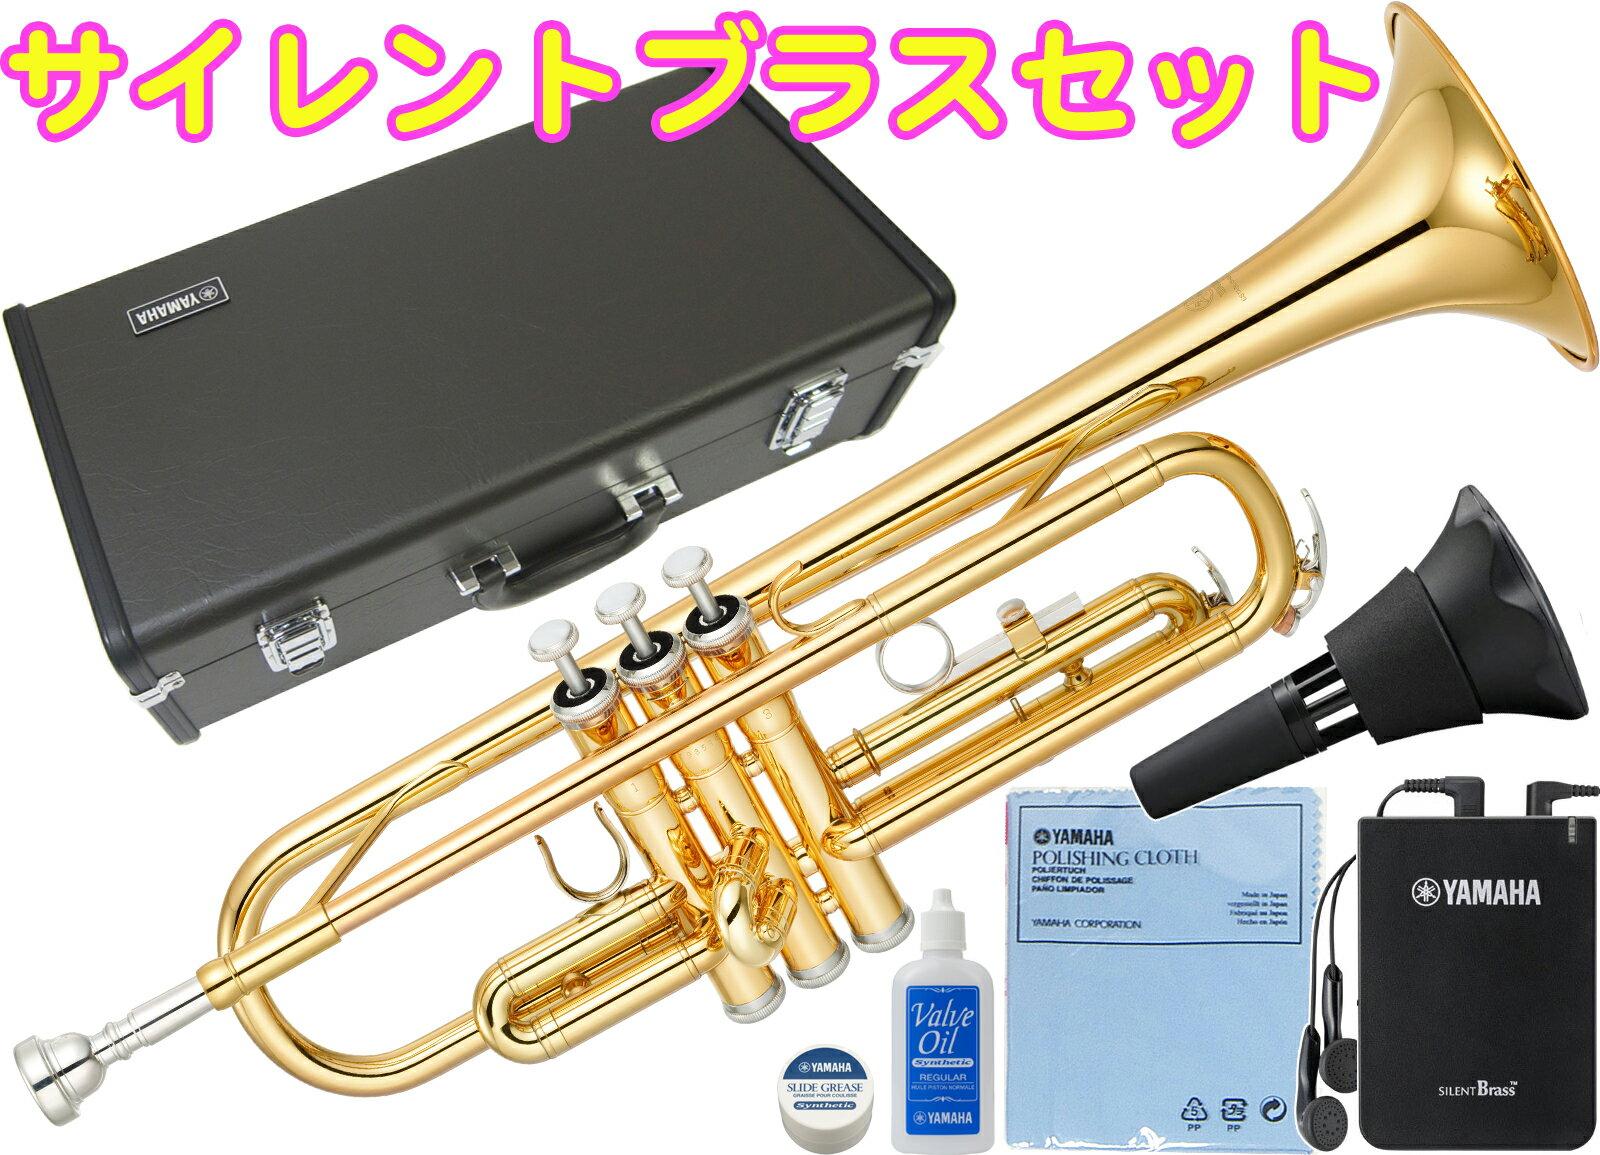 【日本製分】 YAMAHA ( ヤマハ ) 送料無料 YTR-2330 トランペット サイレントブラス 新品 初心者 管楽器 管体 ゴールド B♭ 本体 ミュート セット 【 YTR2330 SB7X 】